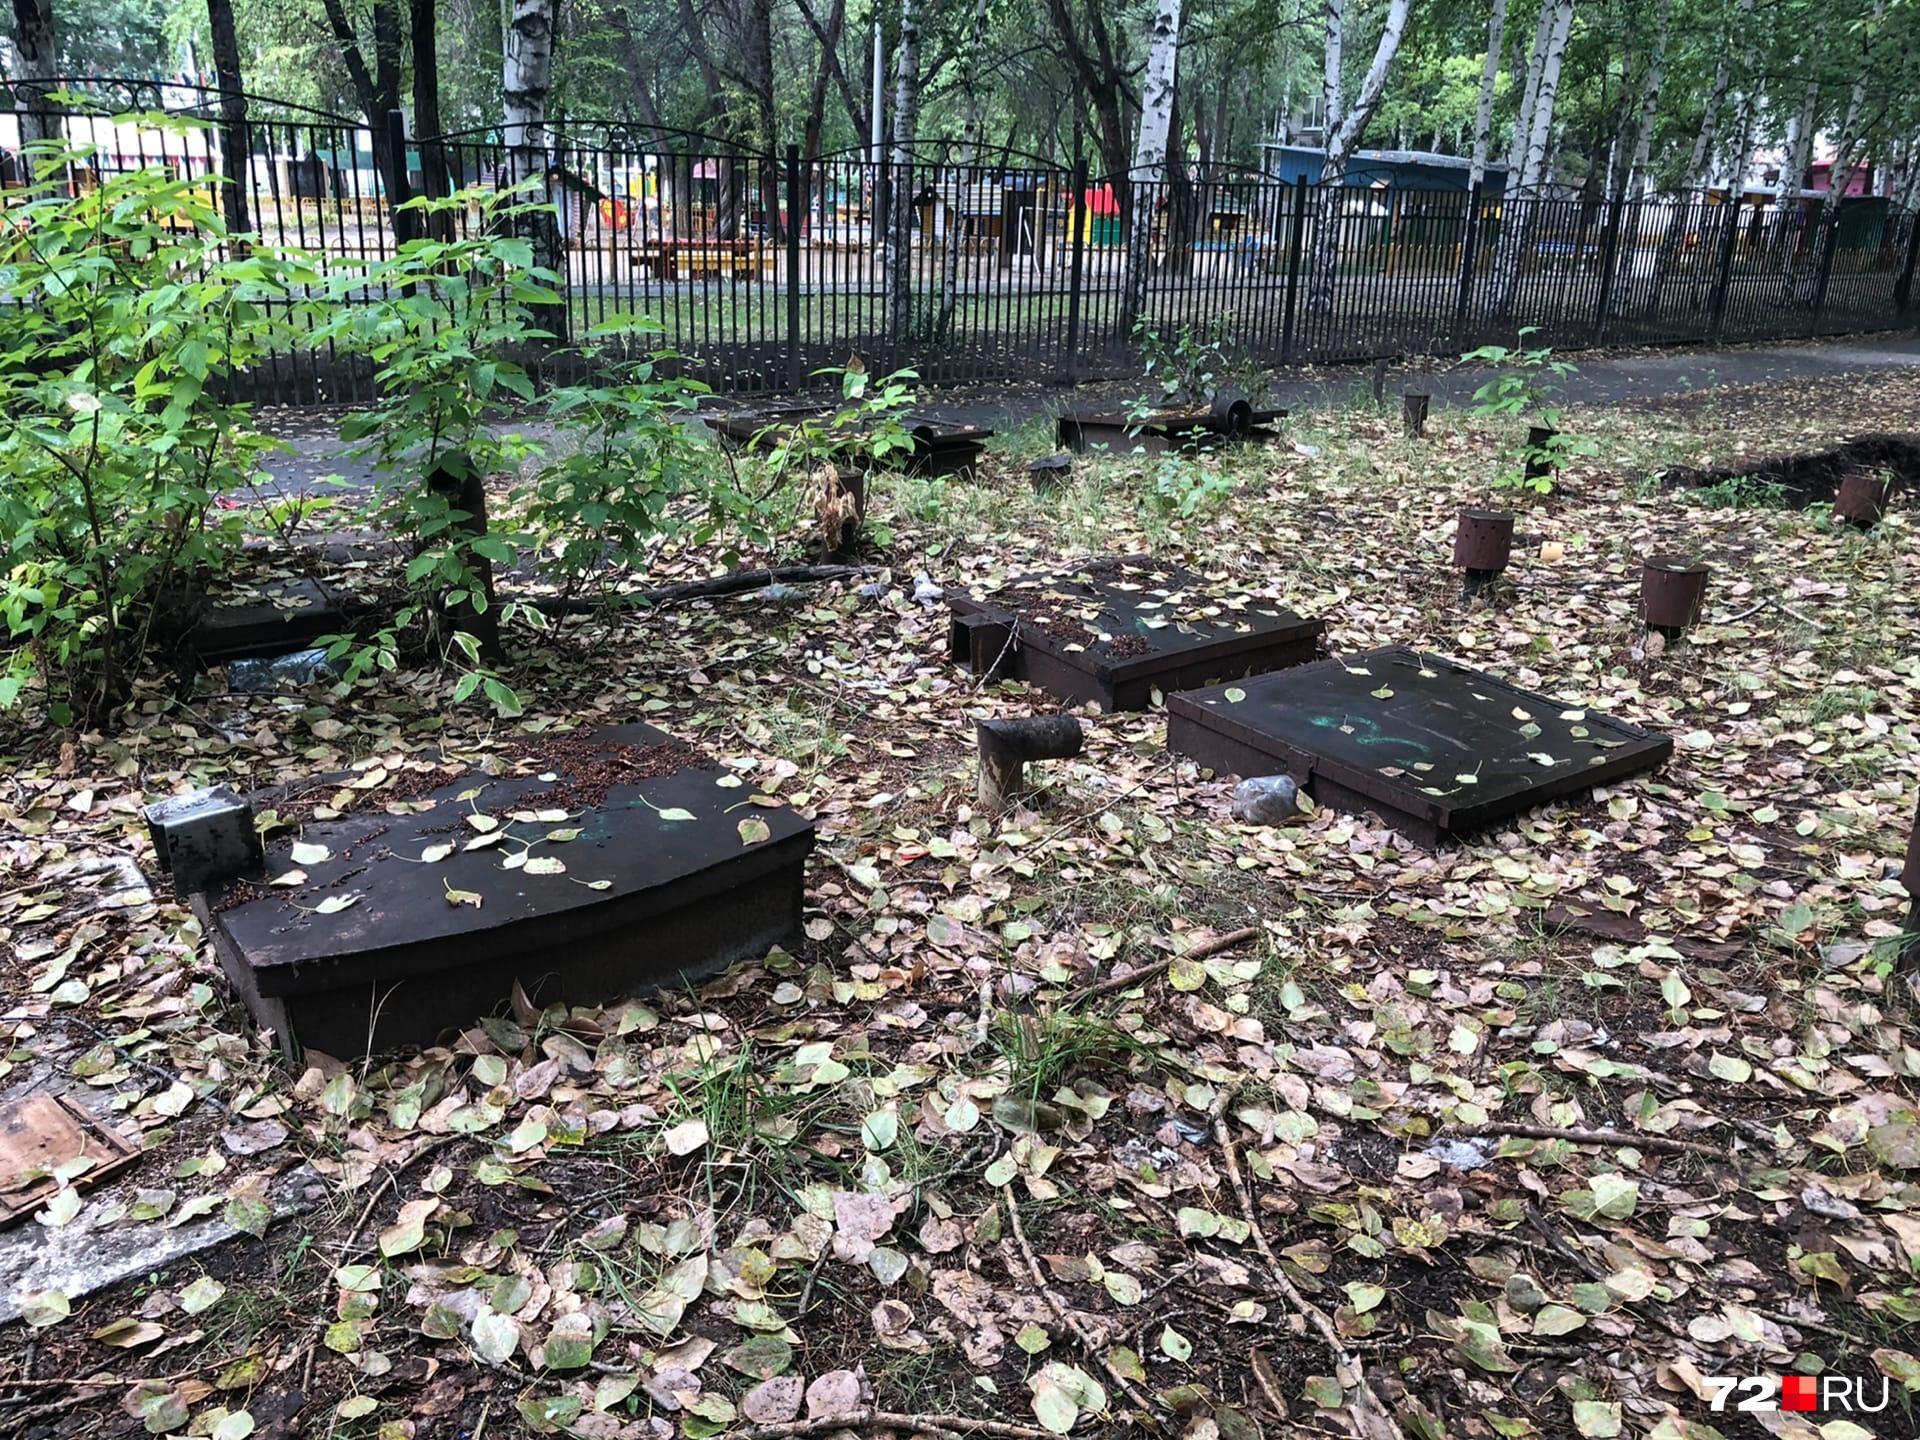 Погреба — это фишечка Тюмени, в других крупных городах нет такого вольного размещения стихийных овощехранилищ